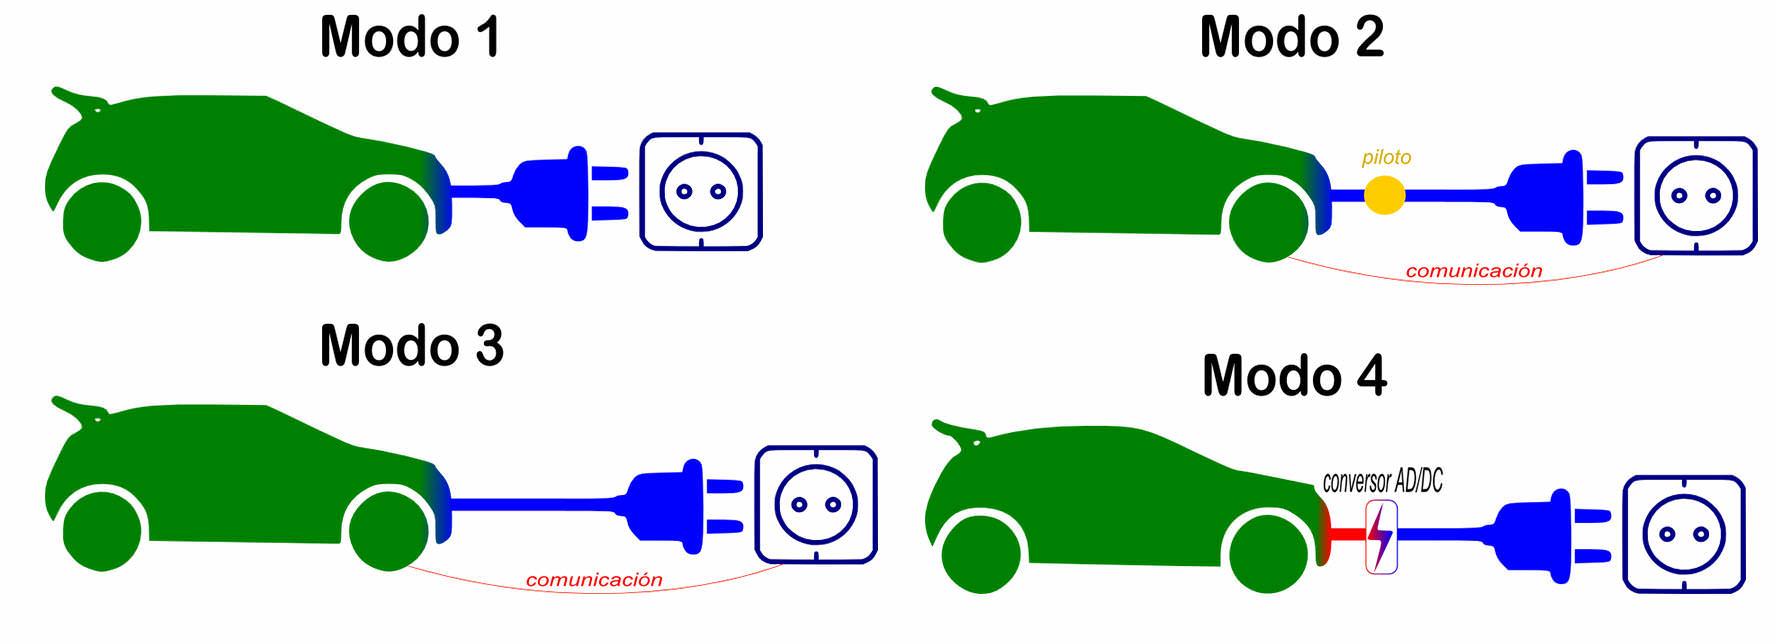 compren más híbridos y eléctricos